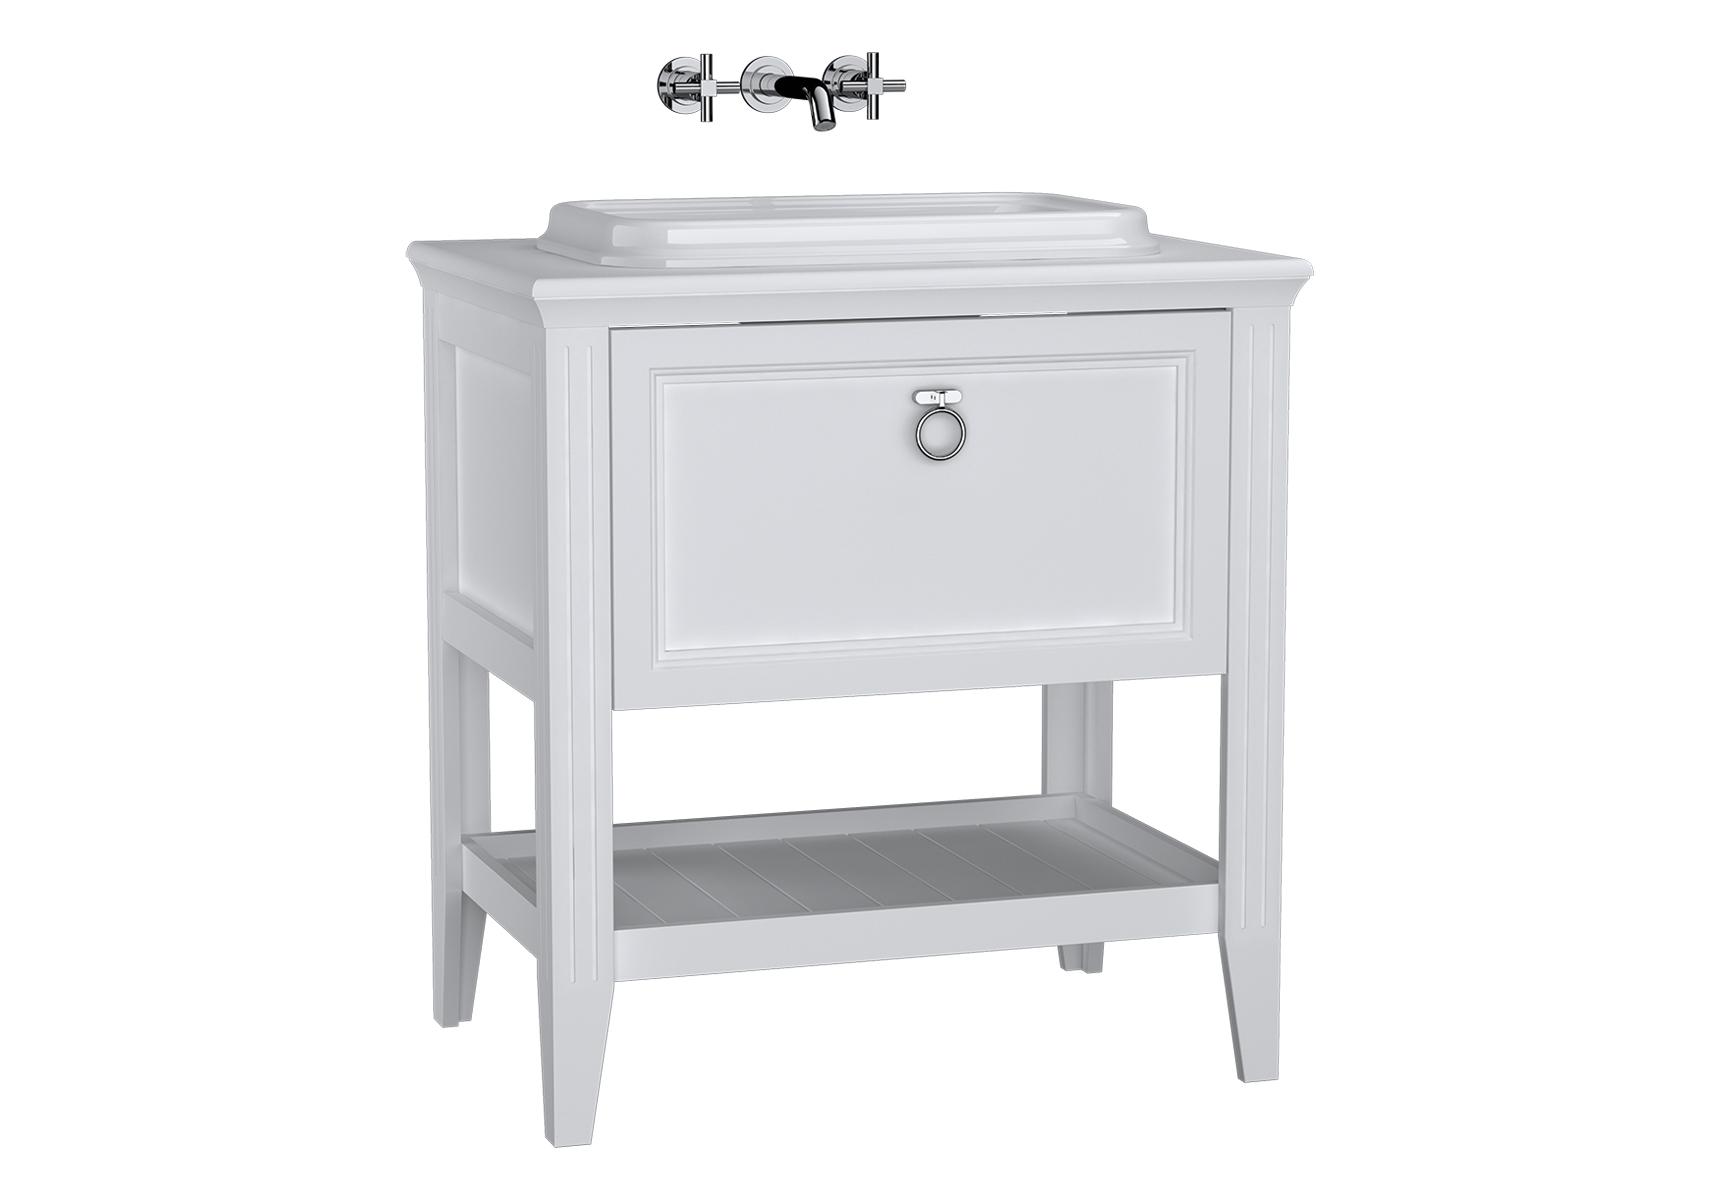 Valarte meuble sous vasque encastrée, 80 cm, avec tiroir, blanc mat